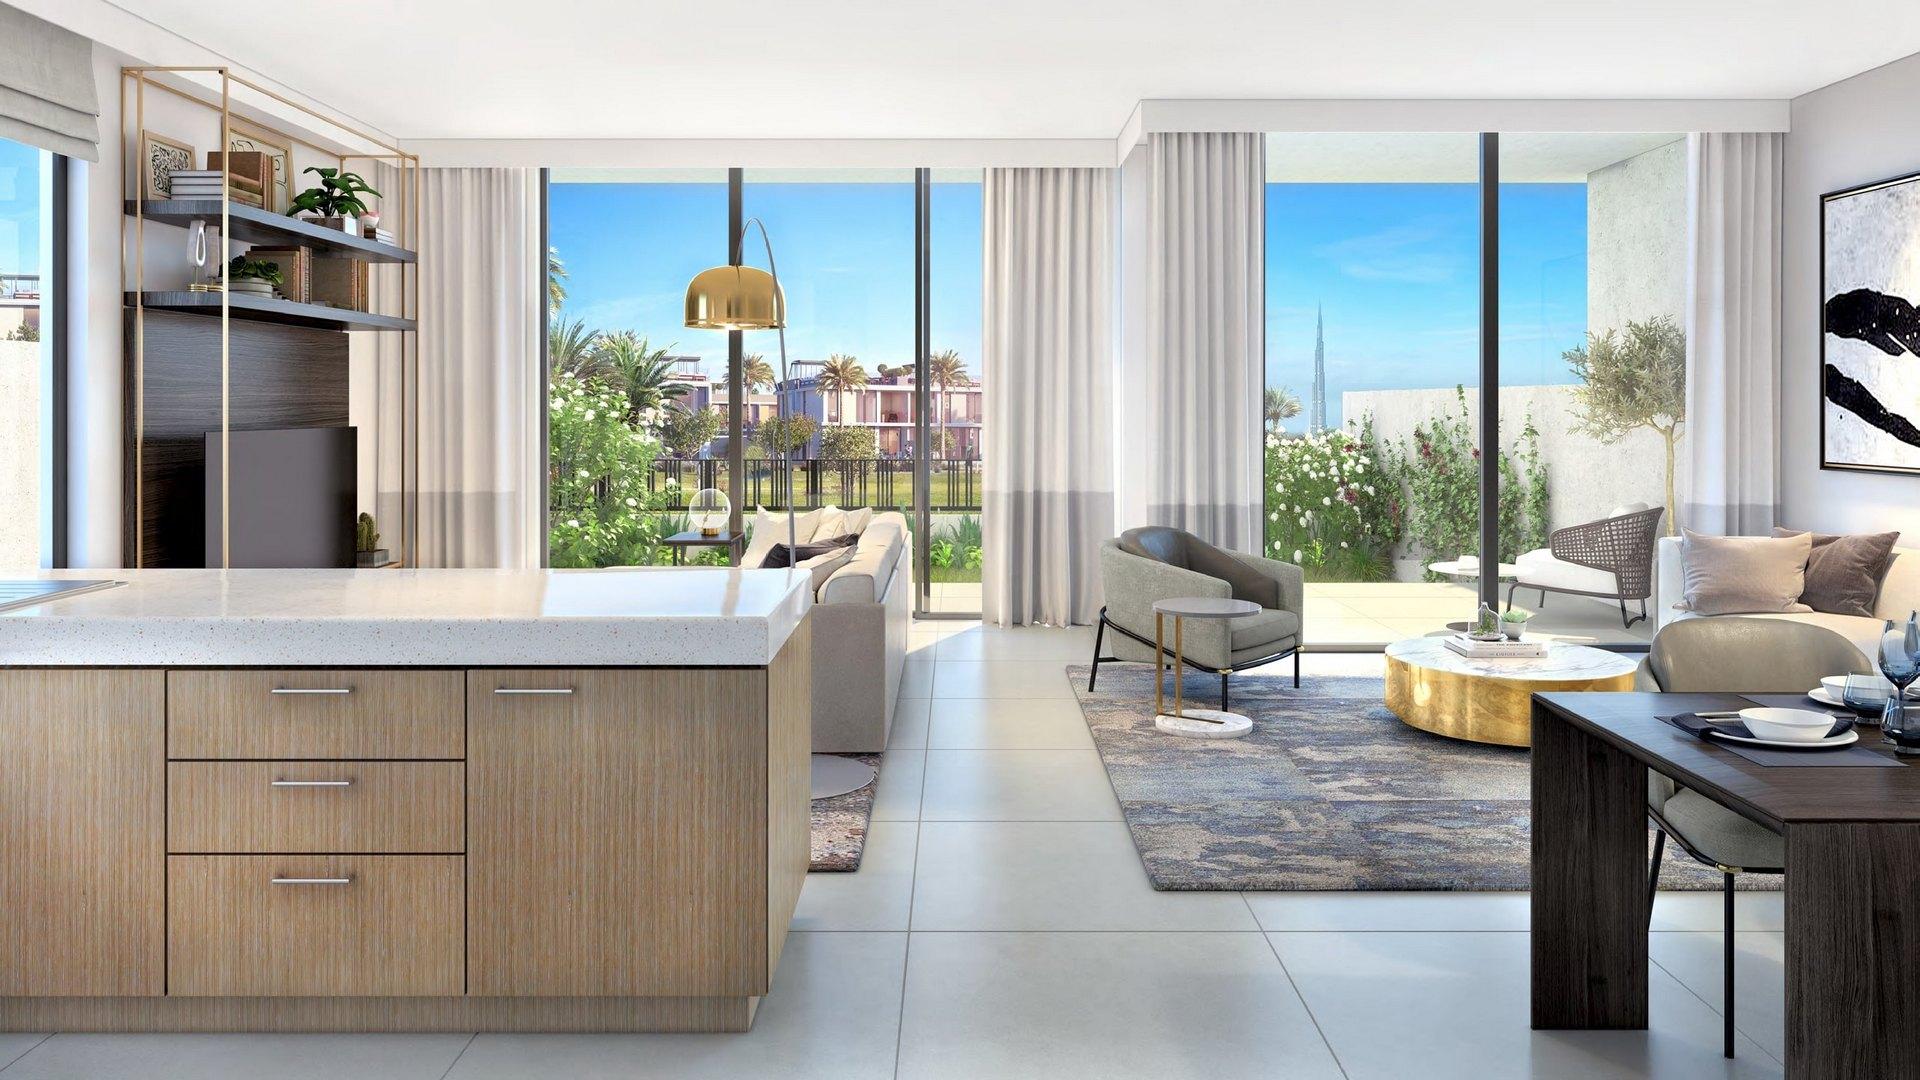 Villa en venta en Dubai, EAU, 4 dormitorios, 316 m2, № 24062 – foto 1